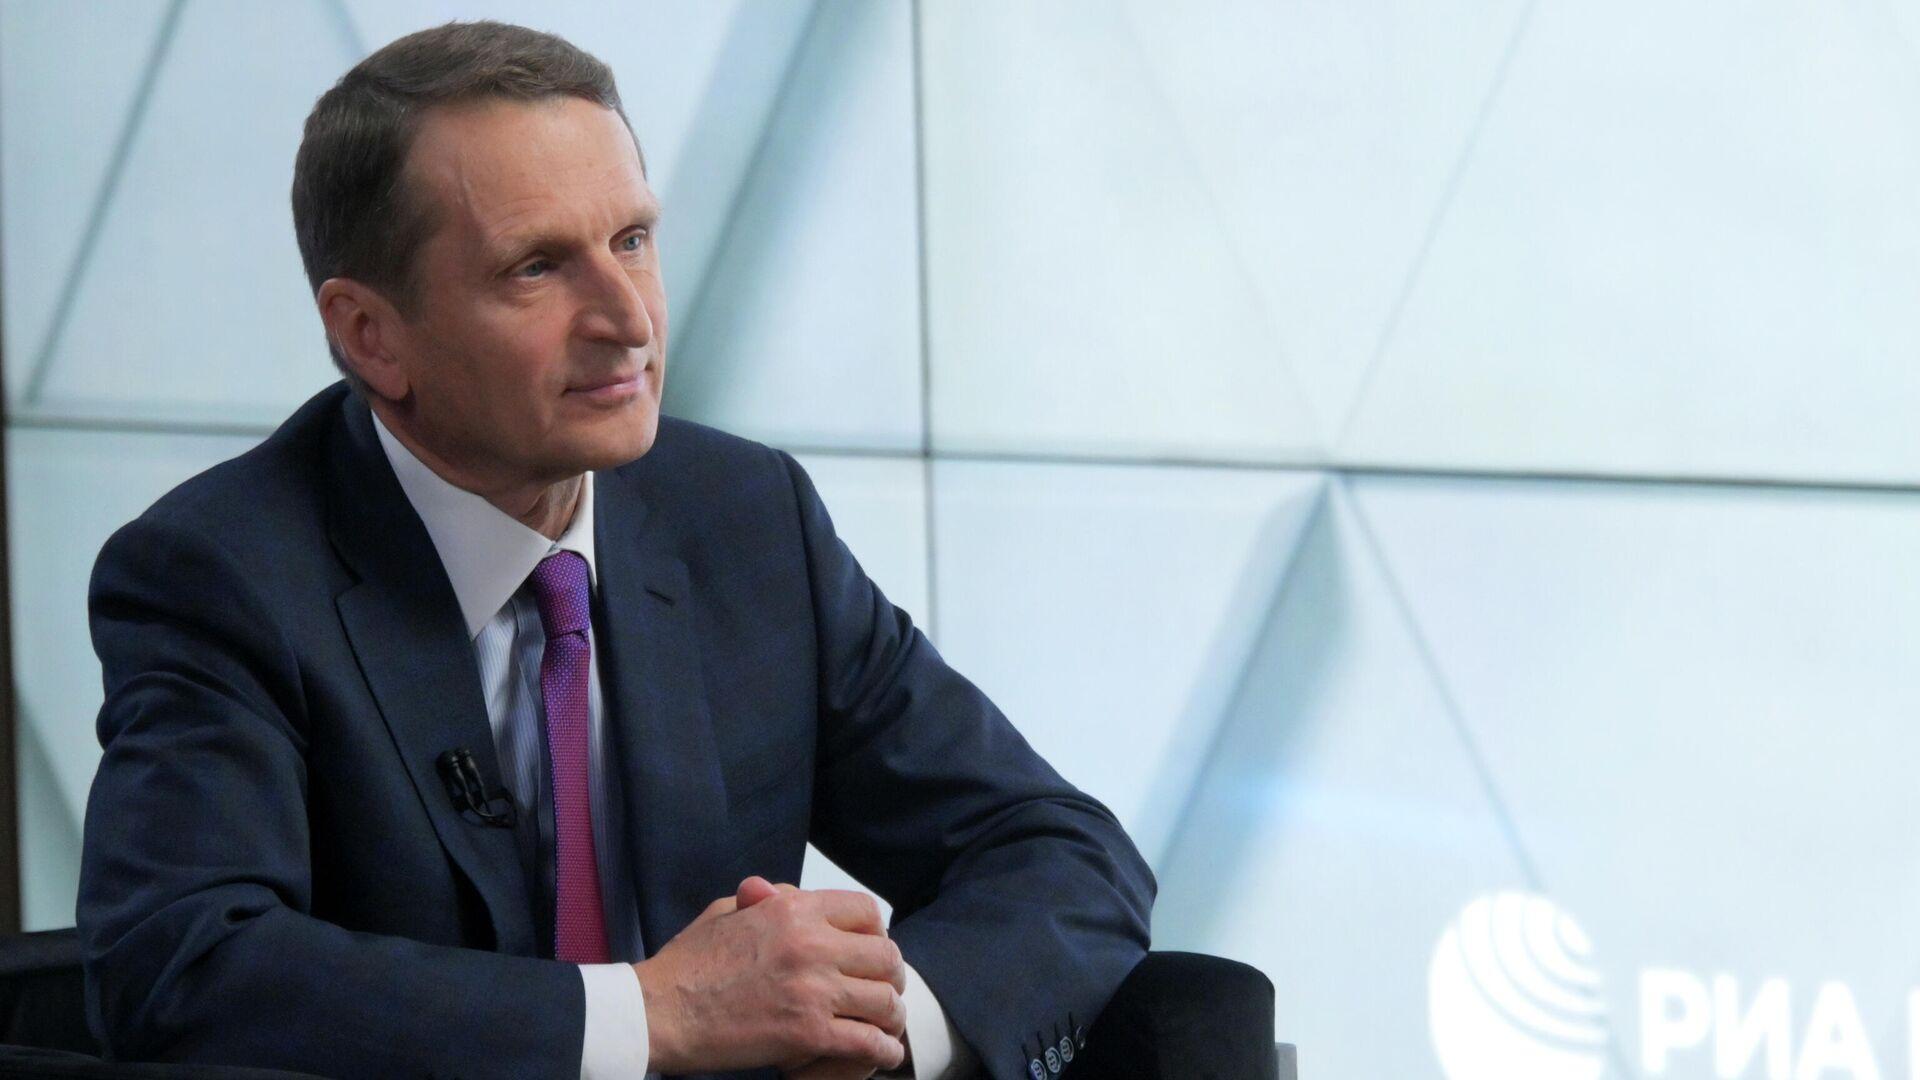 Нарышкин рассказал о работе Путина с информацией от разведки